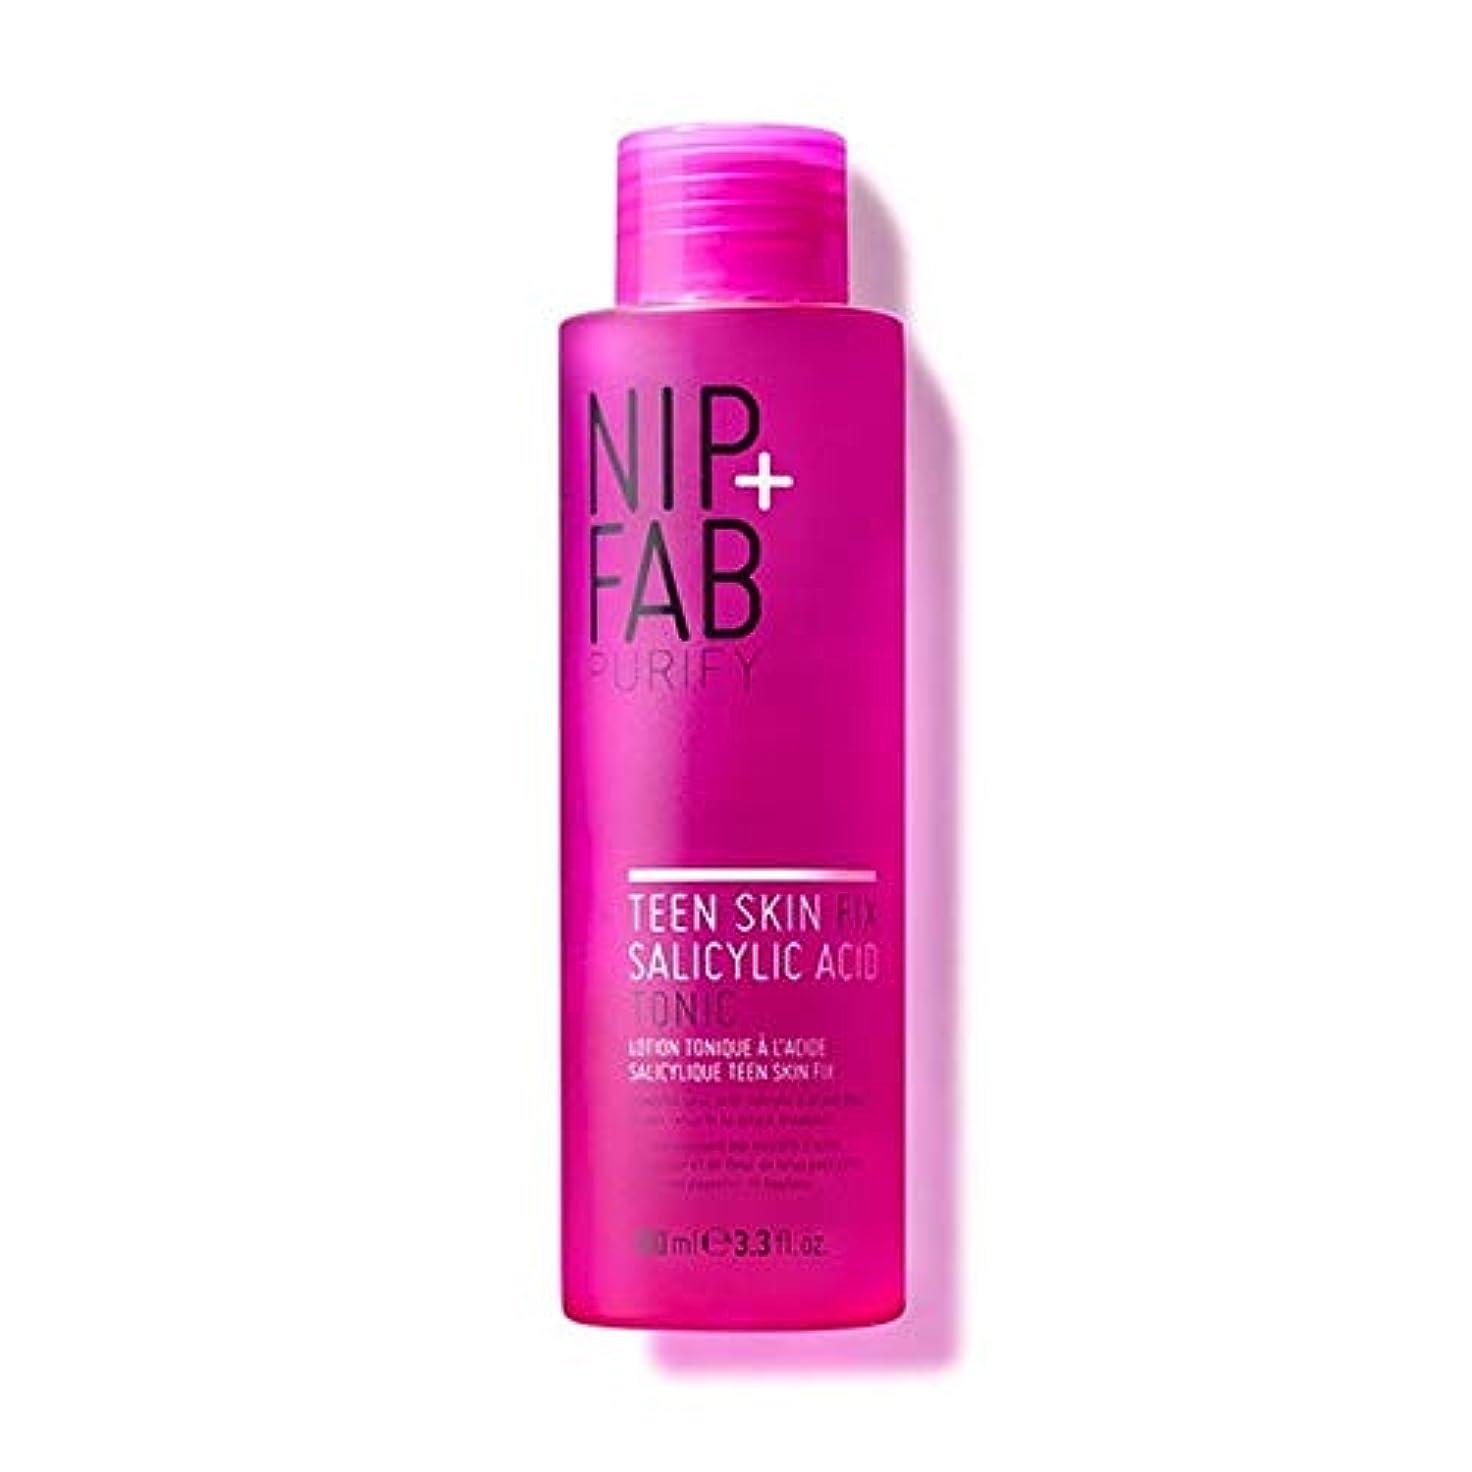 ヒゲ舌な望ましい[Nip & Fab] + Fab十代の肌サリチル酸トニック100ミリリットルニップ - Nip+Fab Teen Skin Salicylic Acid Tonic 100ml [並行輸入品]